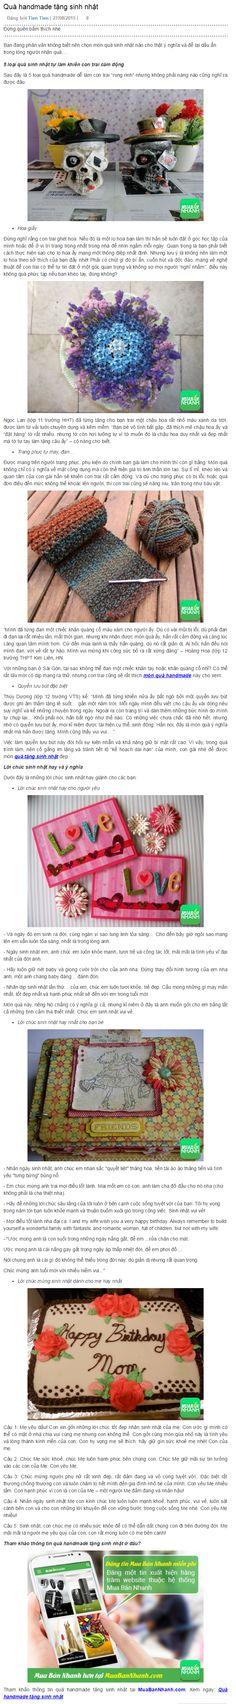 Quà handmade tặng sinh nhật https://muabannhanh.com/tag/qua-handmade-tang-sinh-nhat